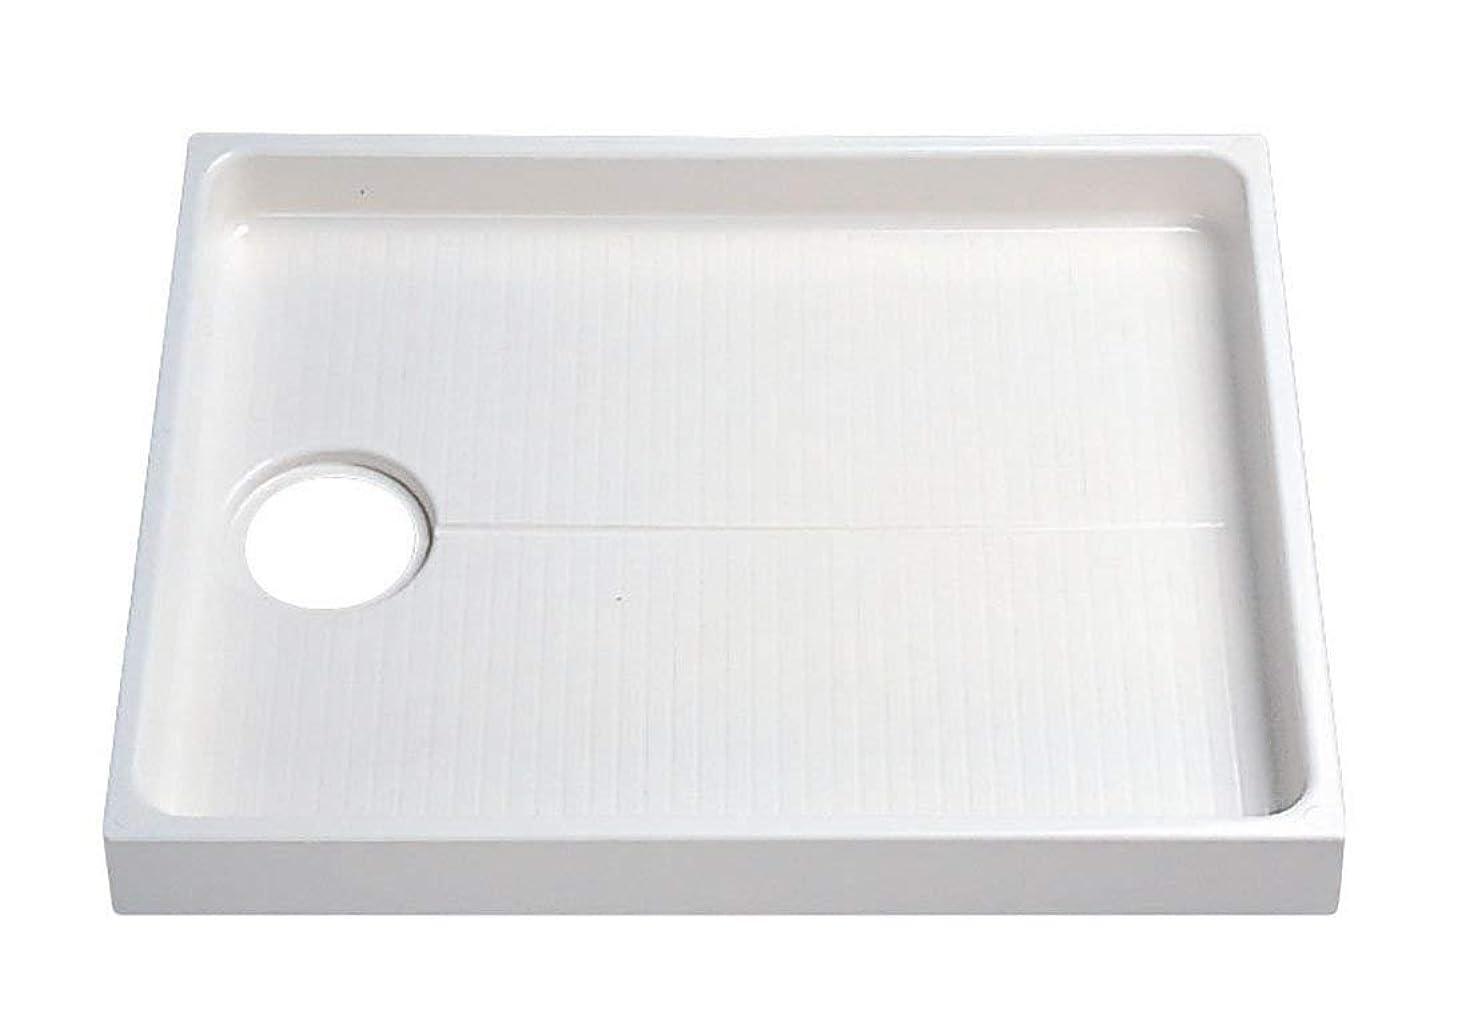 アレイオリエント一貫したTOTO 洗濯機パン 800mmサイズ (排水口位置:センター) PWP800N2W